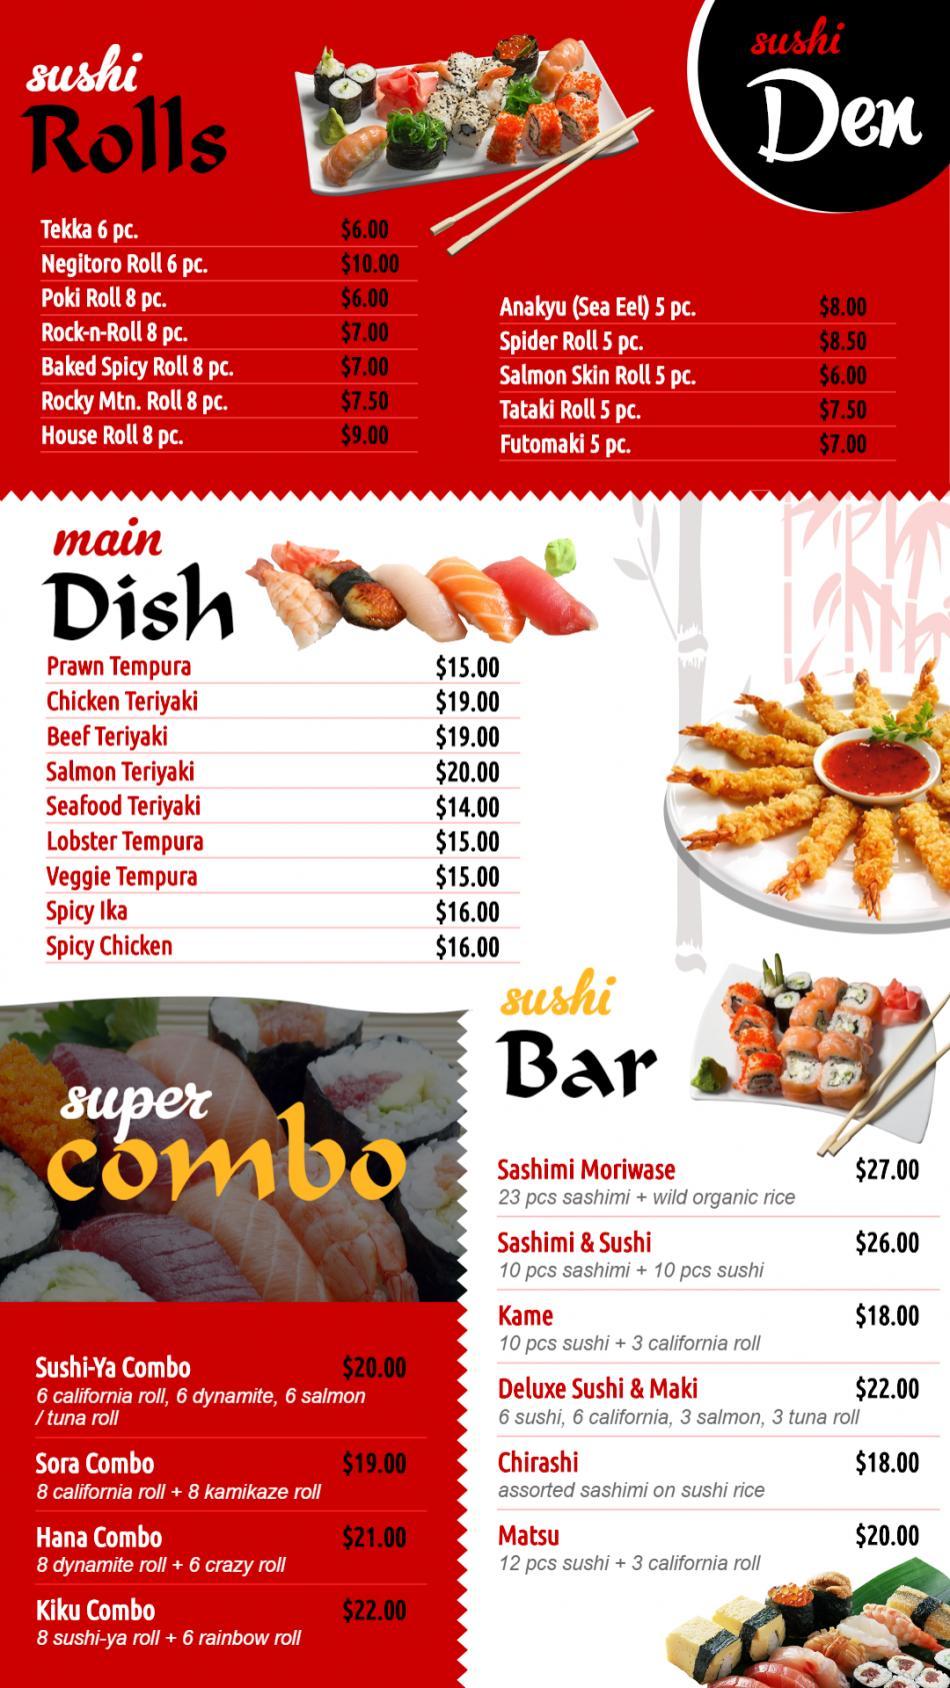 Japanese Vertical sushi menuboad for digital signage